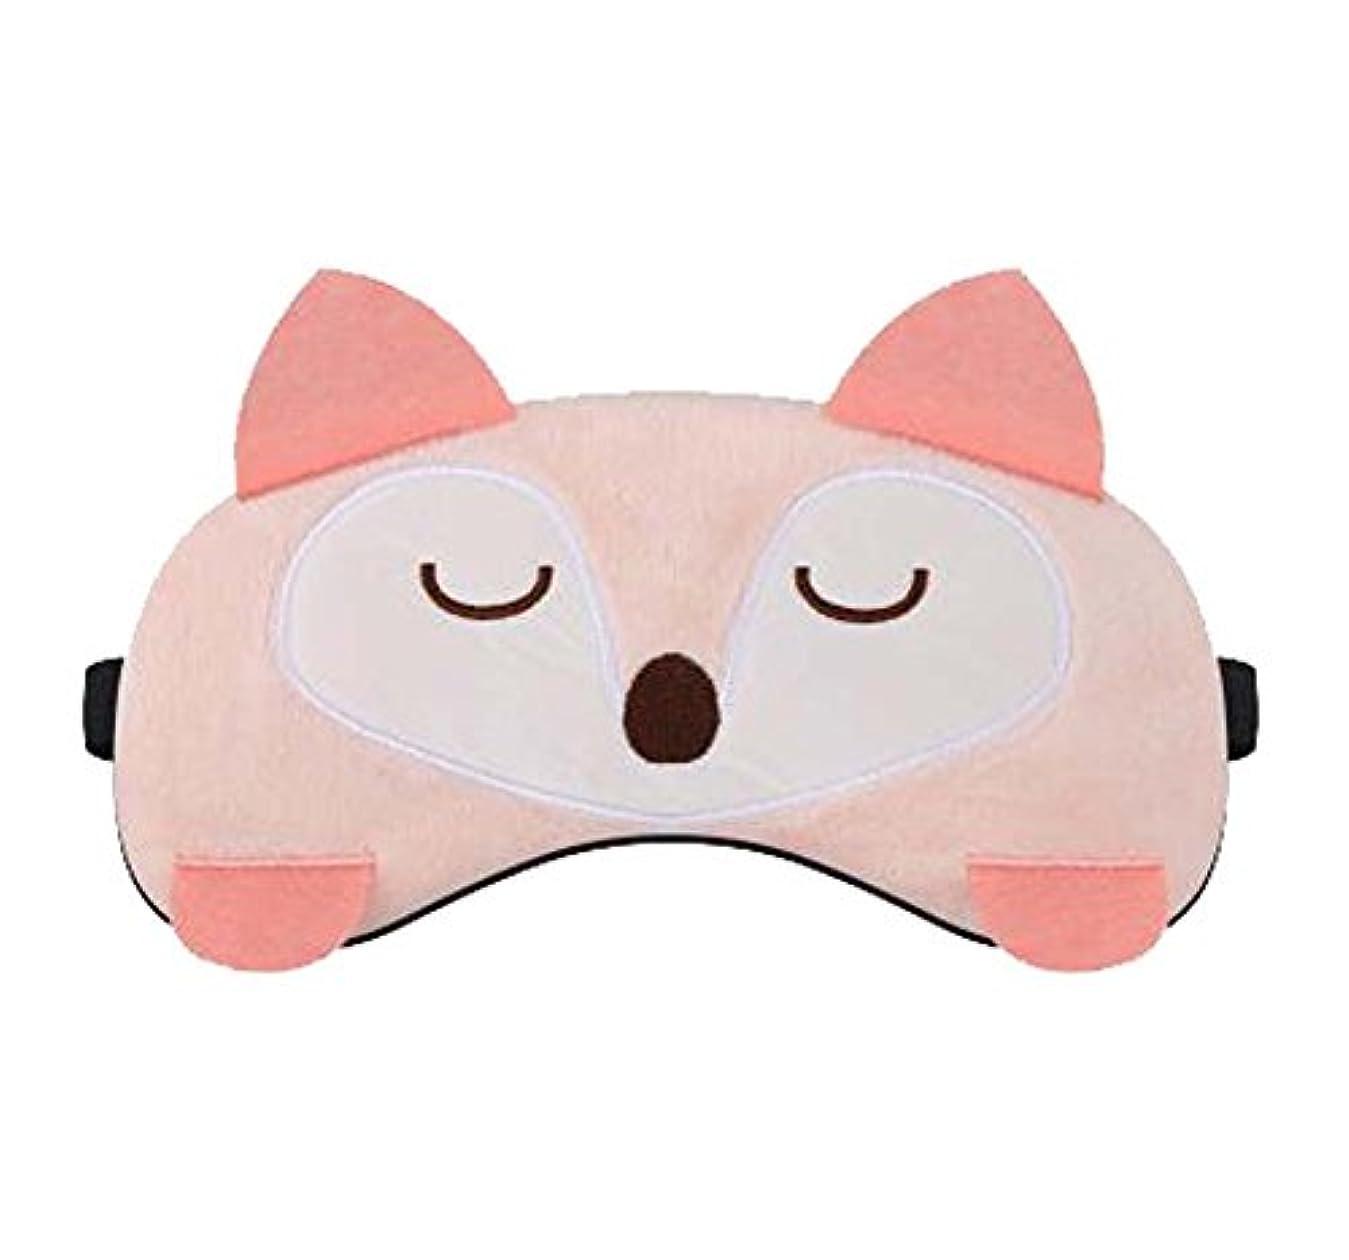 性交さらに結果としてかわいい睡眠マスクアイマスク - セラピー不眠症 - 男性、女性、女の子、子供、A